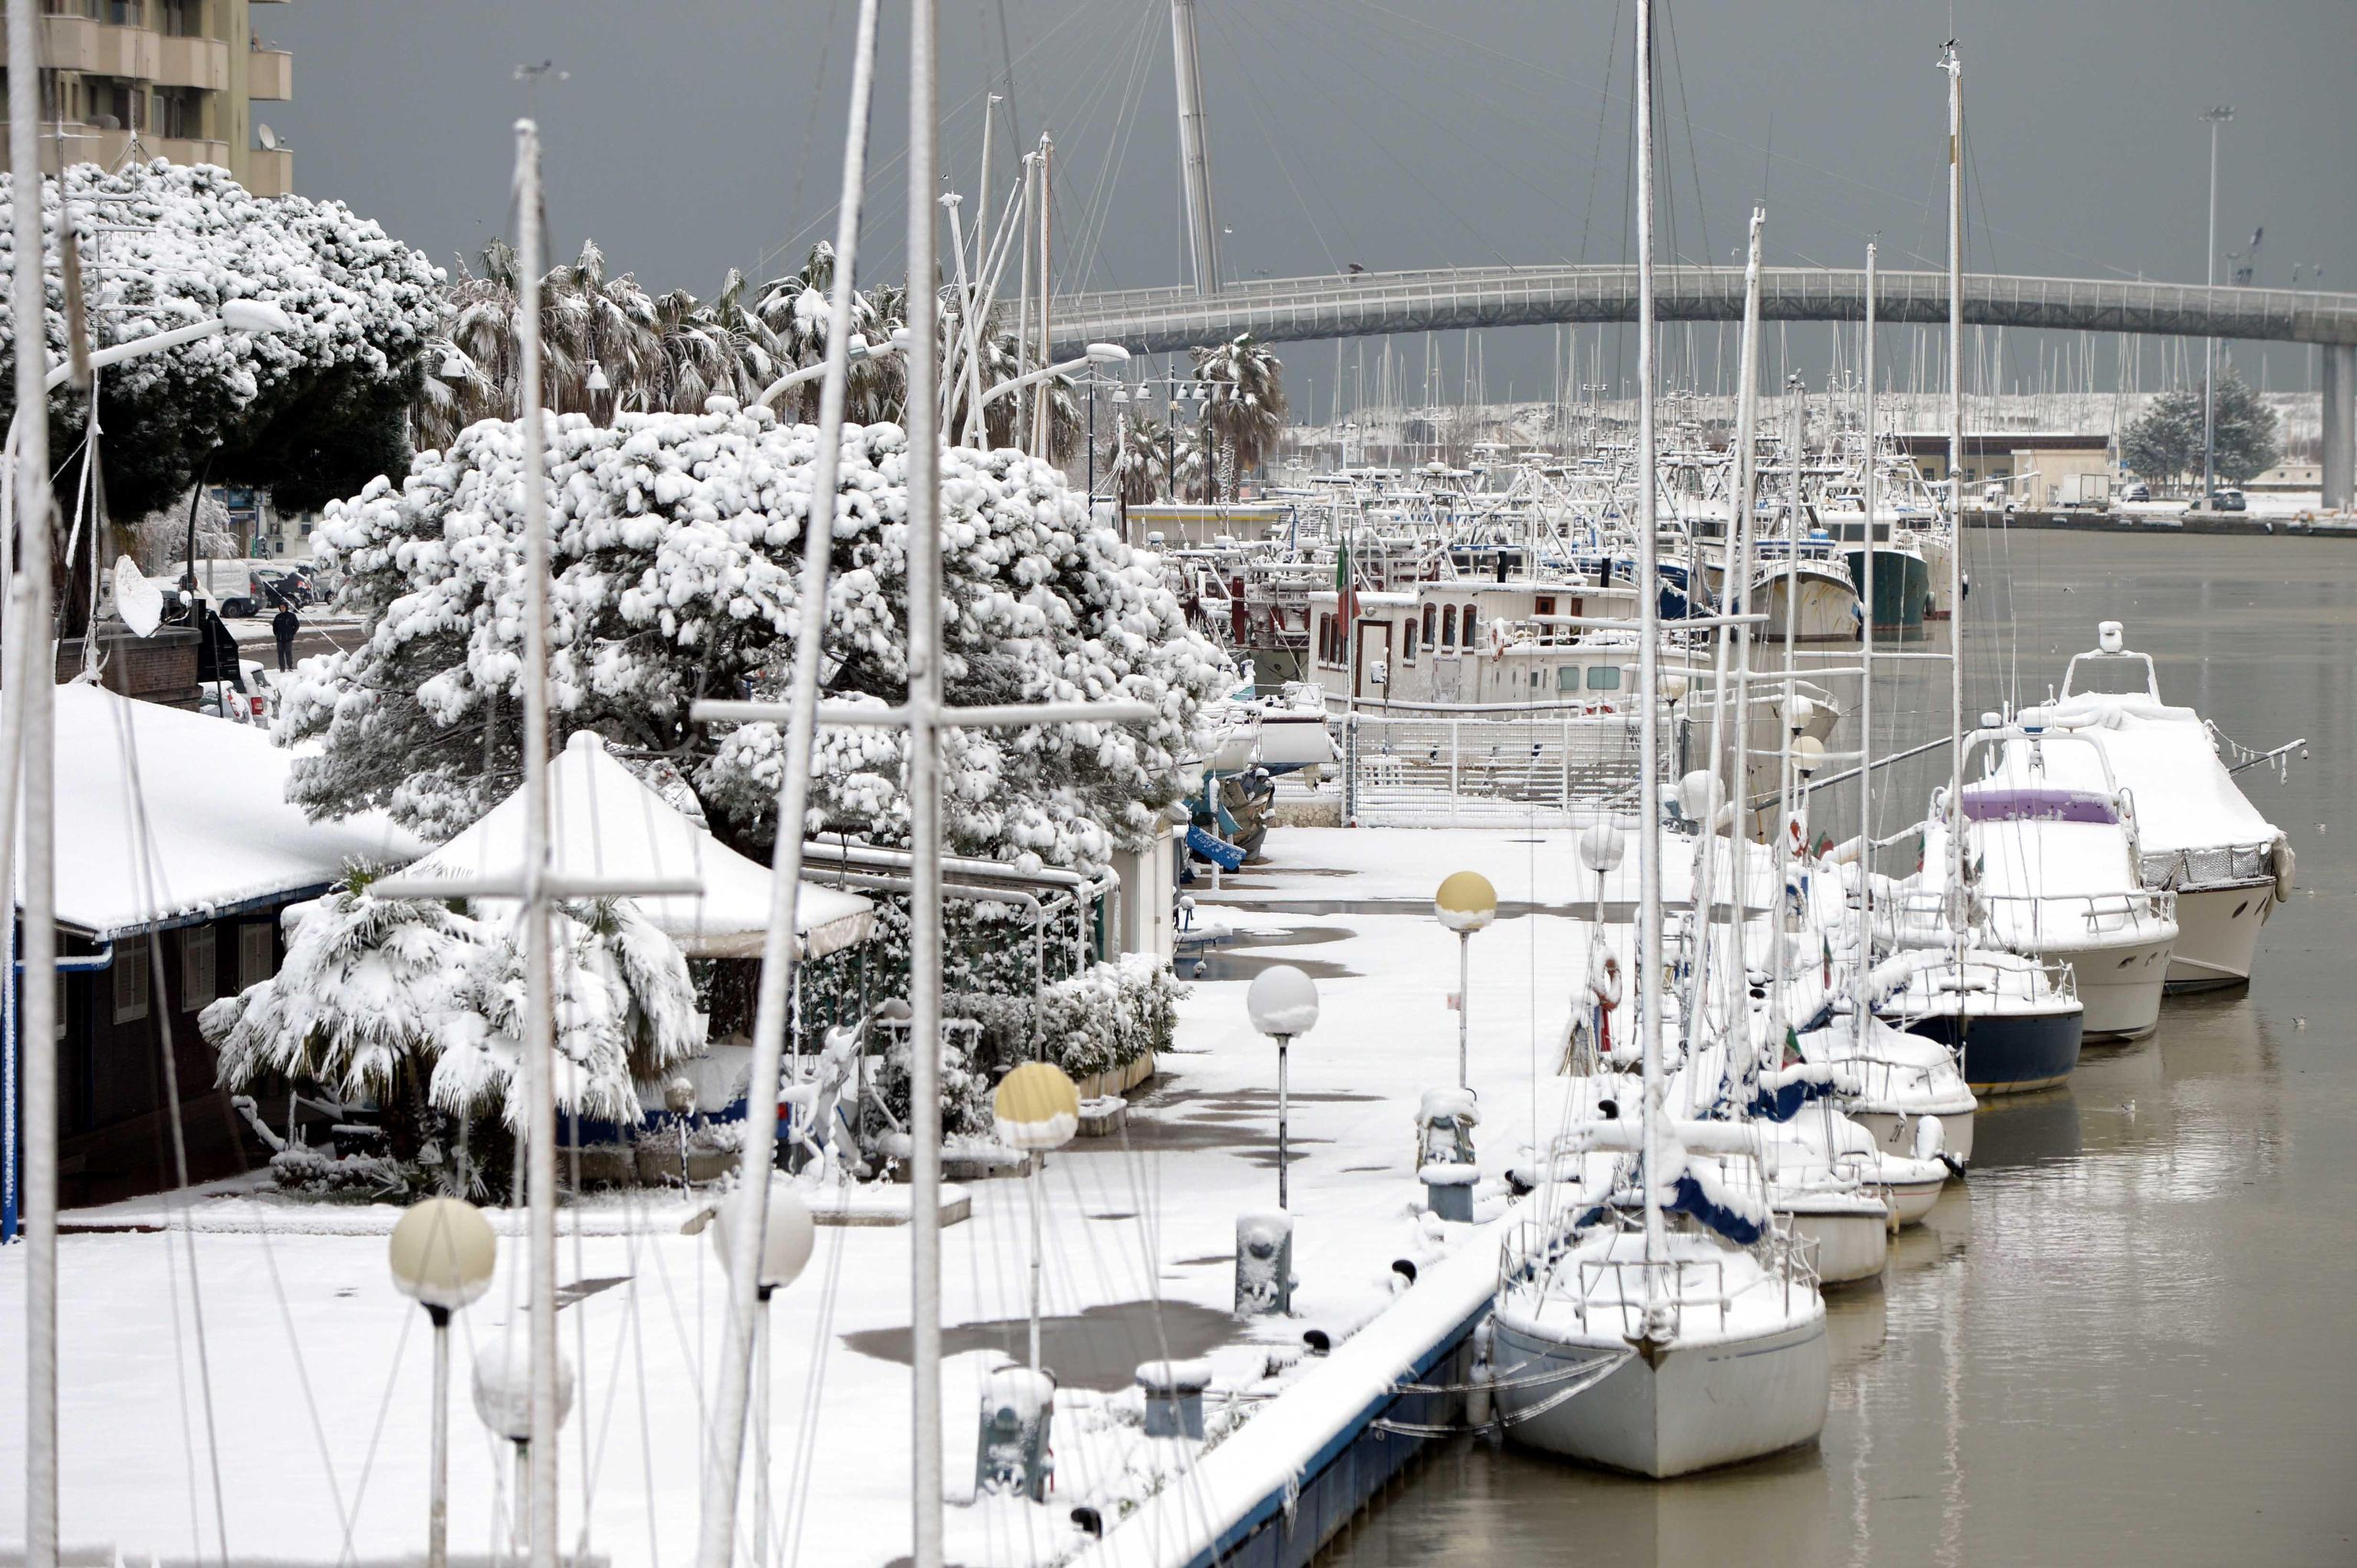 Maltempo freddo e neve sulla costa adriatica Abruzzese Burian arriva a Pescara citta e nei paesi della provincia